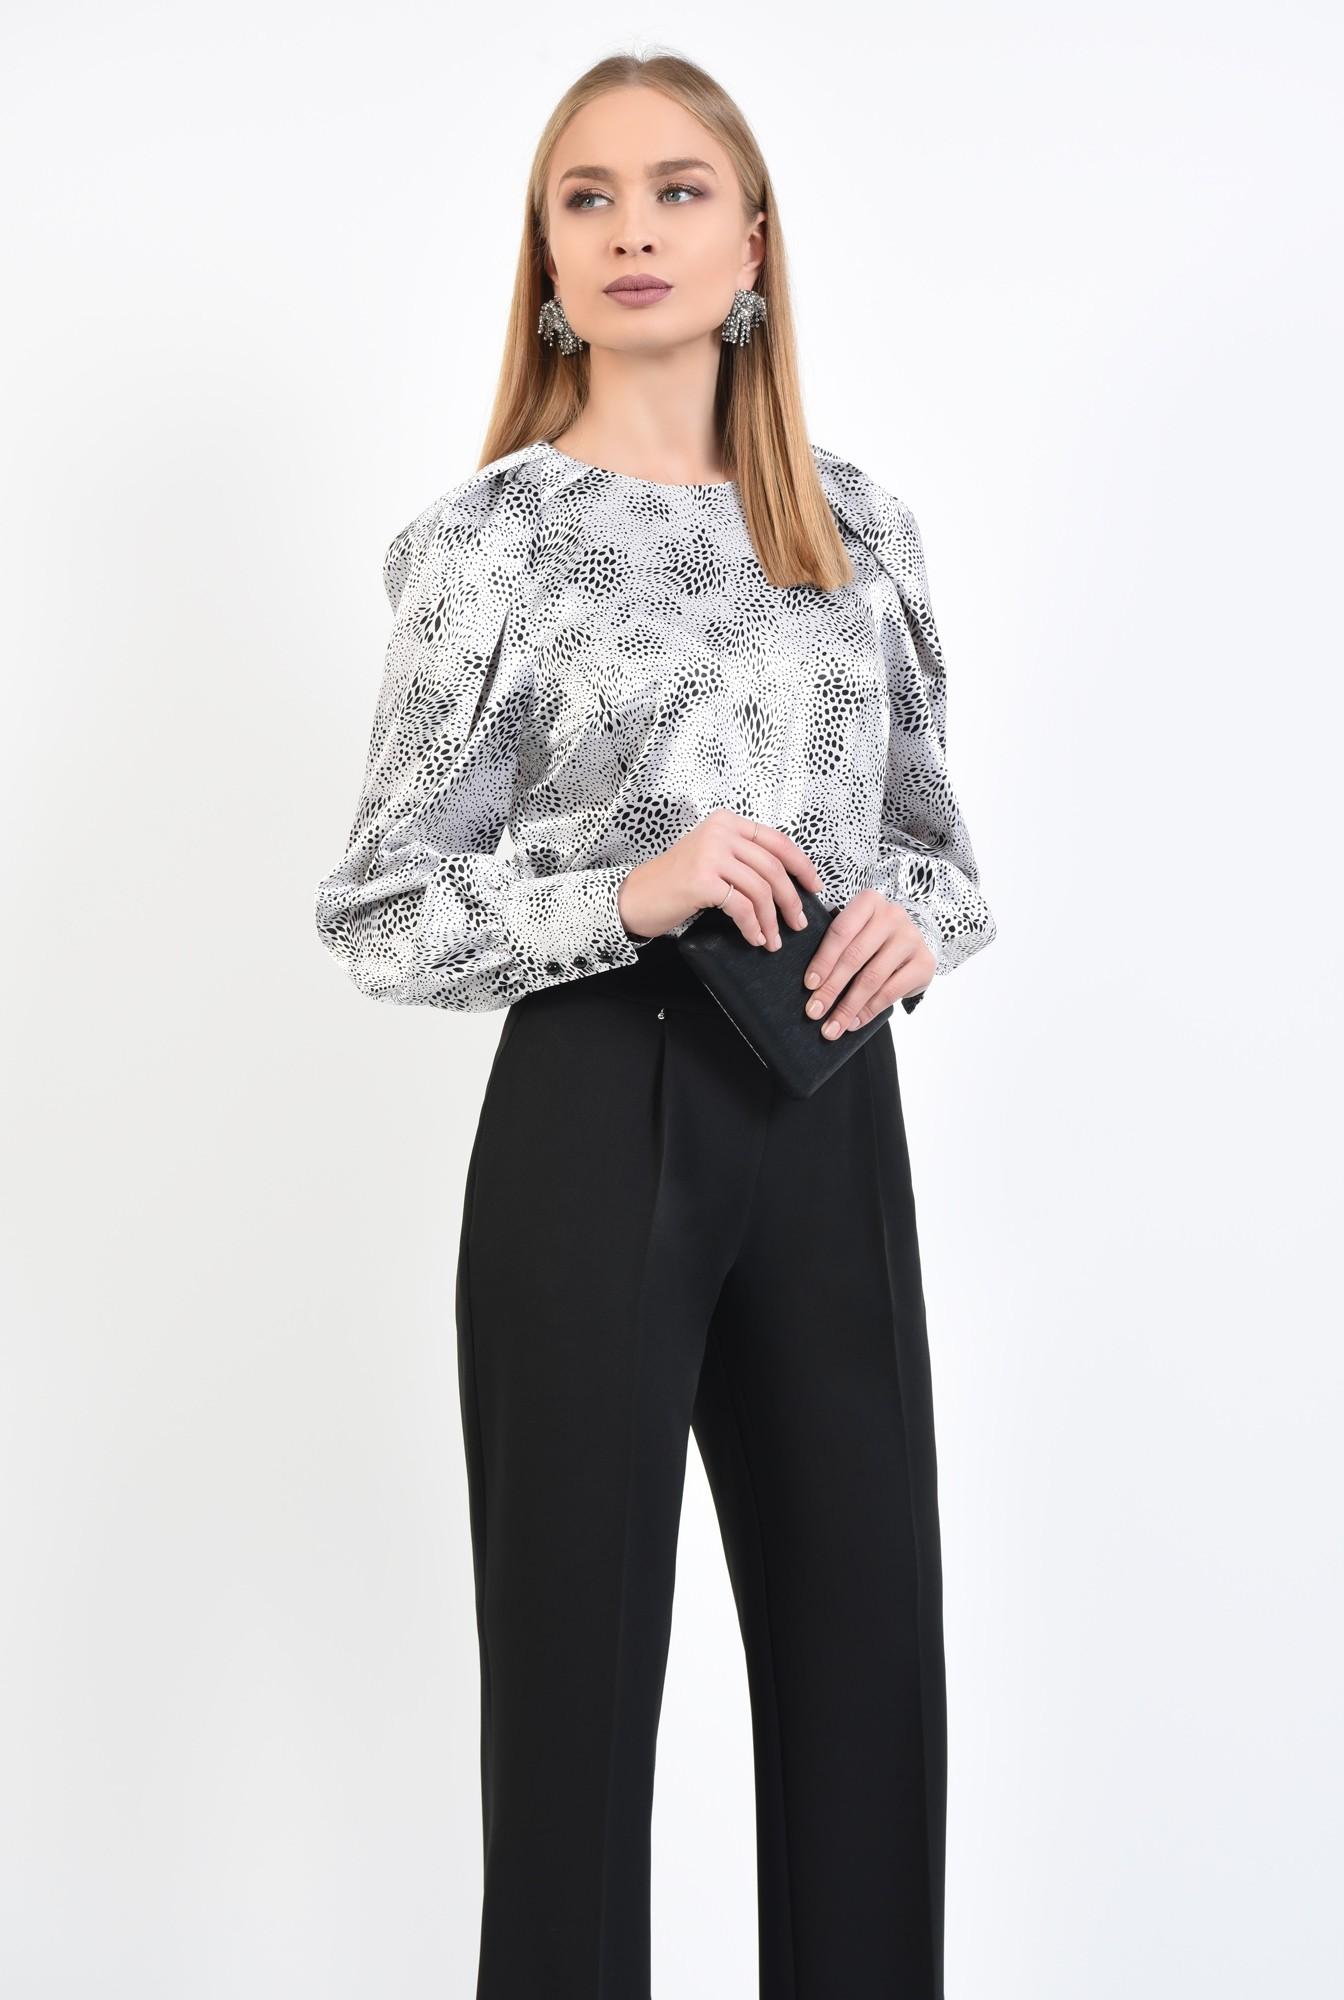 0 - 360 - bluza de ocazie, din satin, maneci fantezie, alb-negru